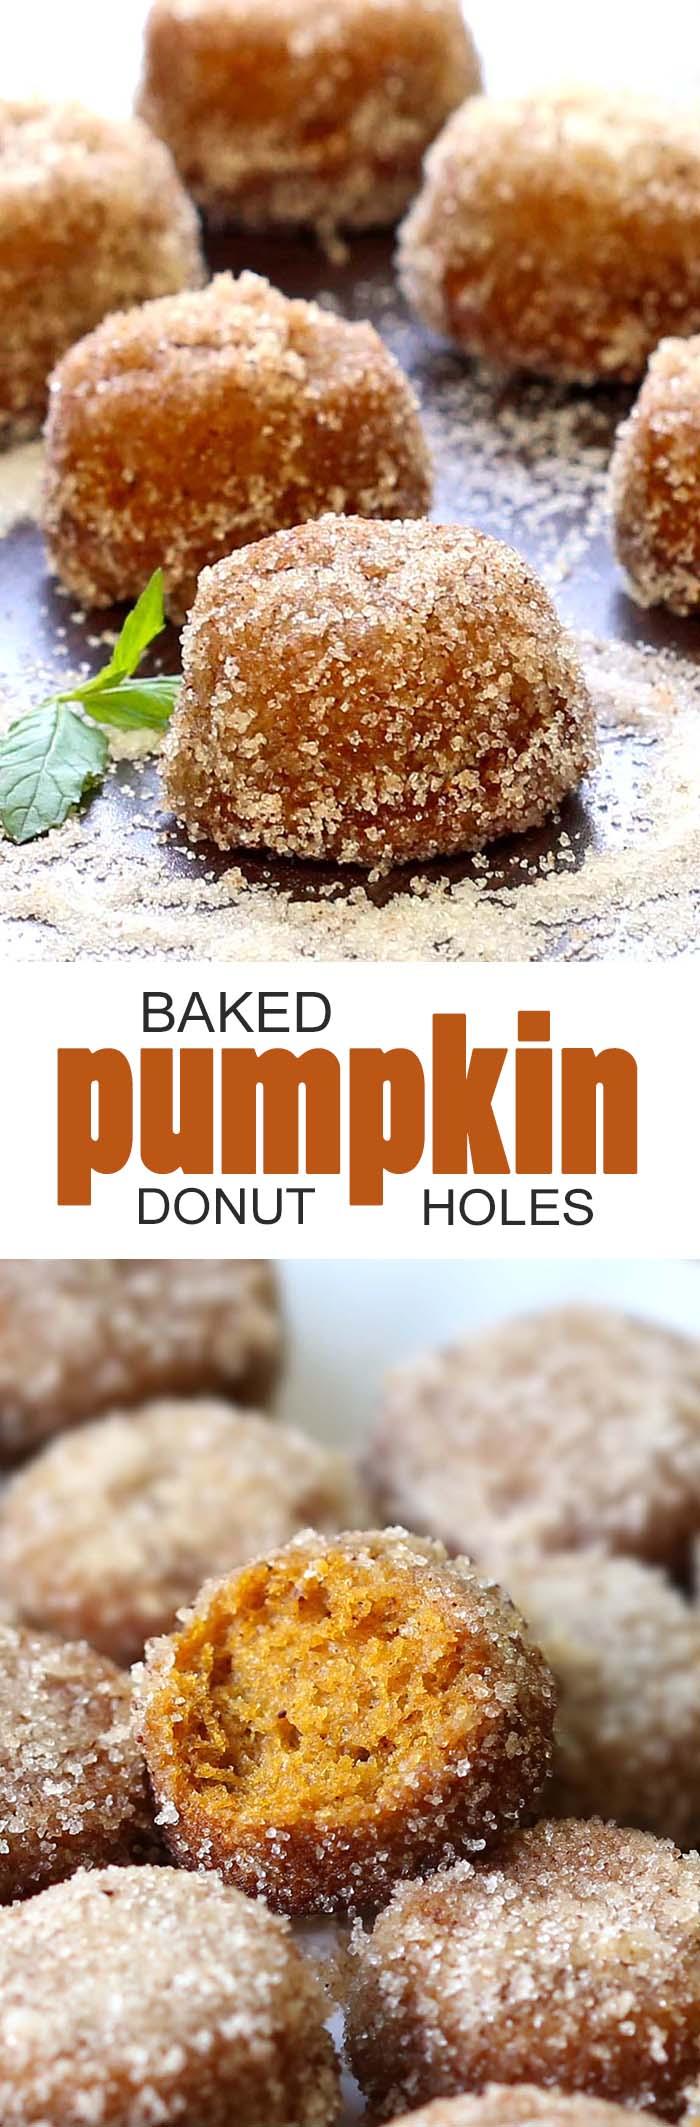 donut-holes-1